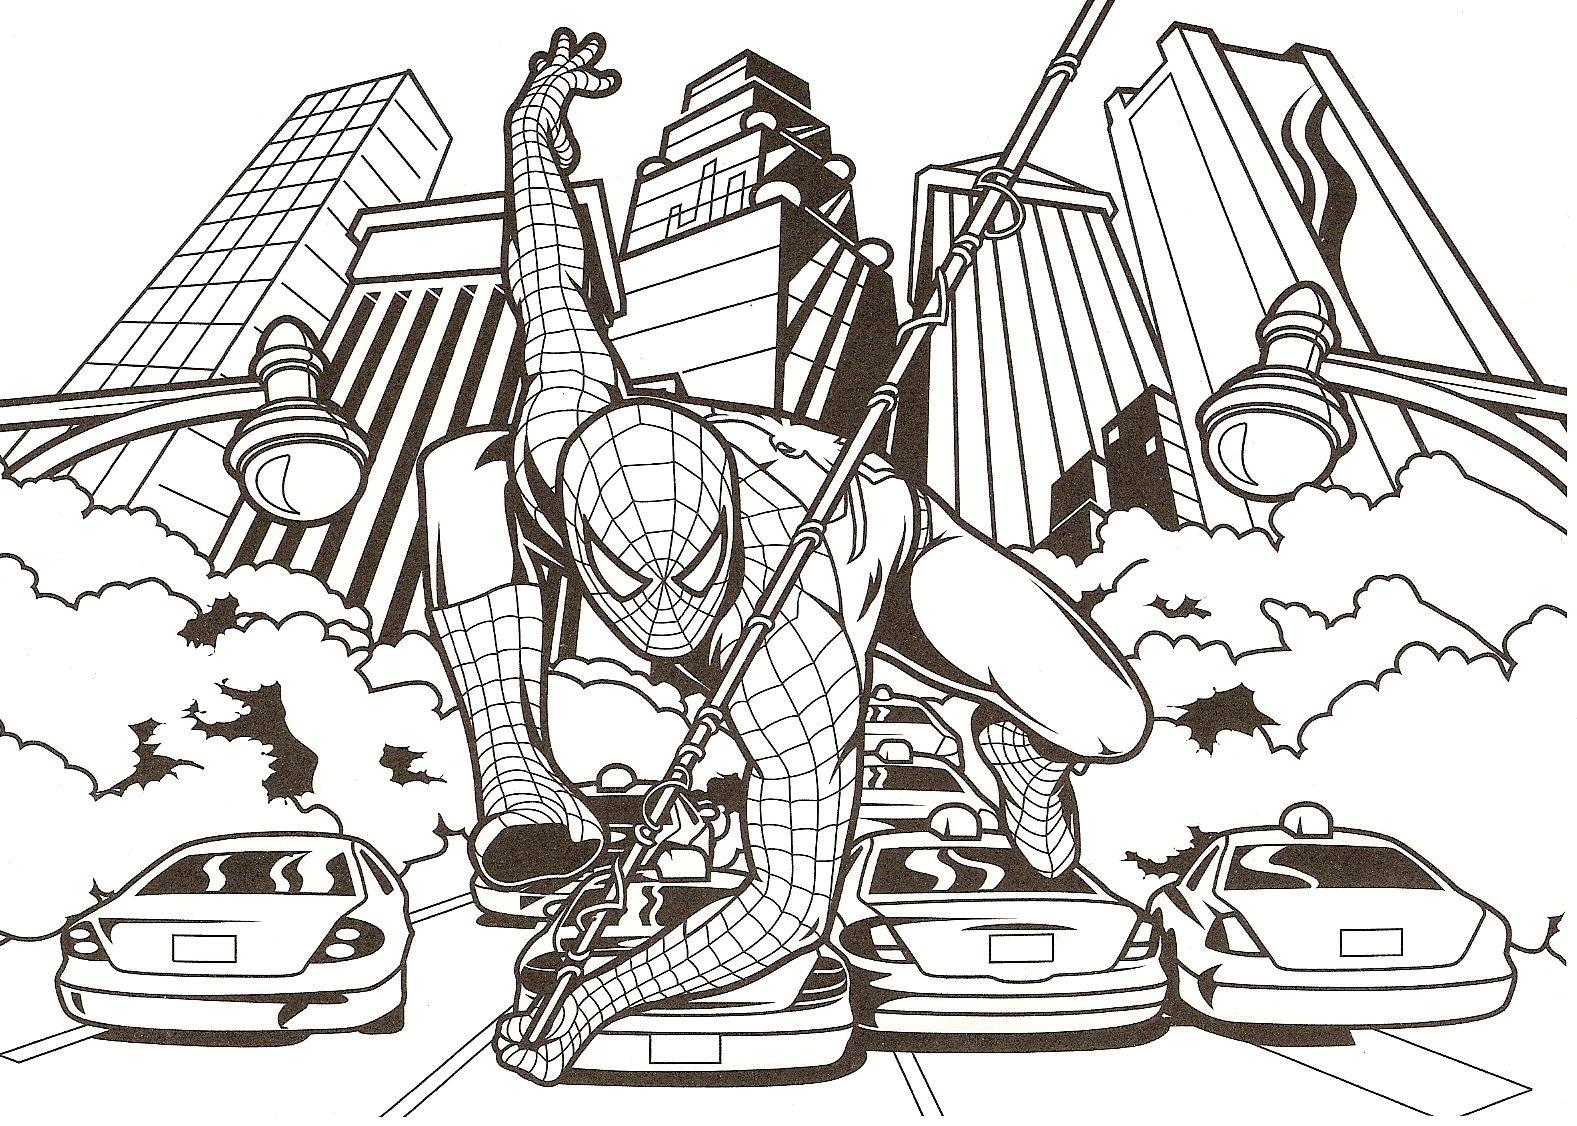 10 Mewarnai Gambar Spiderman Pemandangan Kartun Masjid Mobil